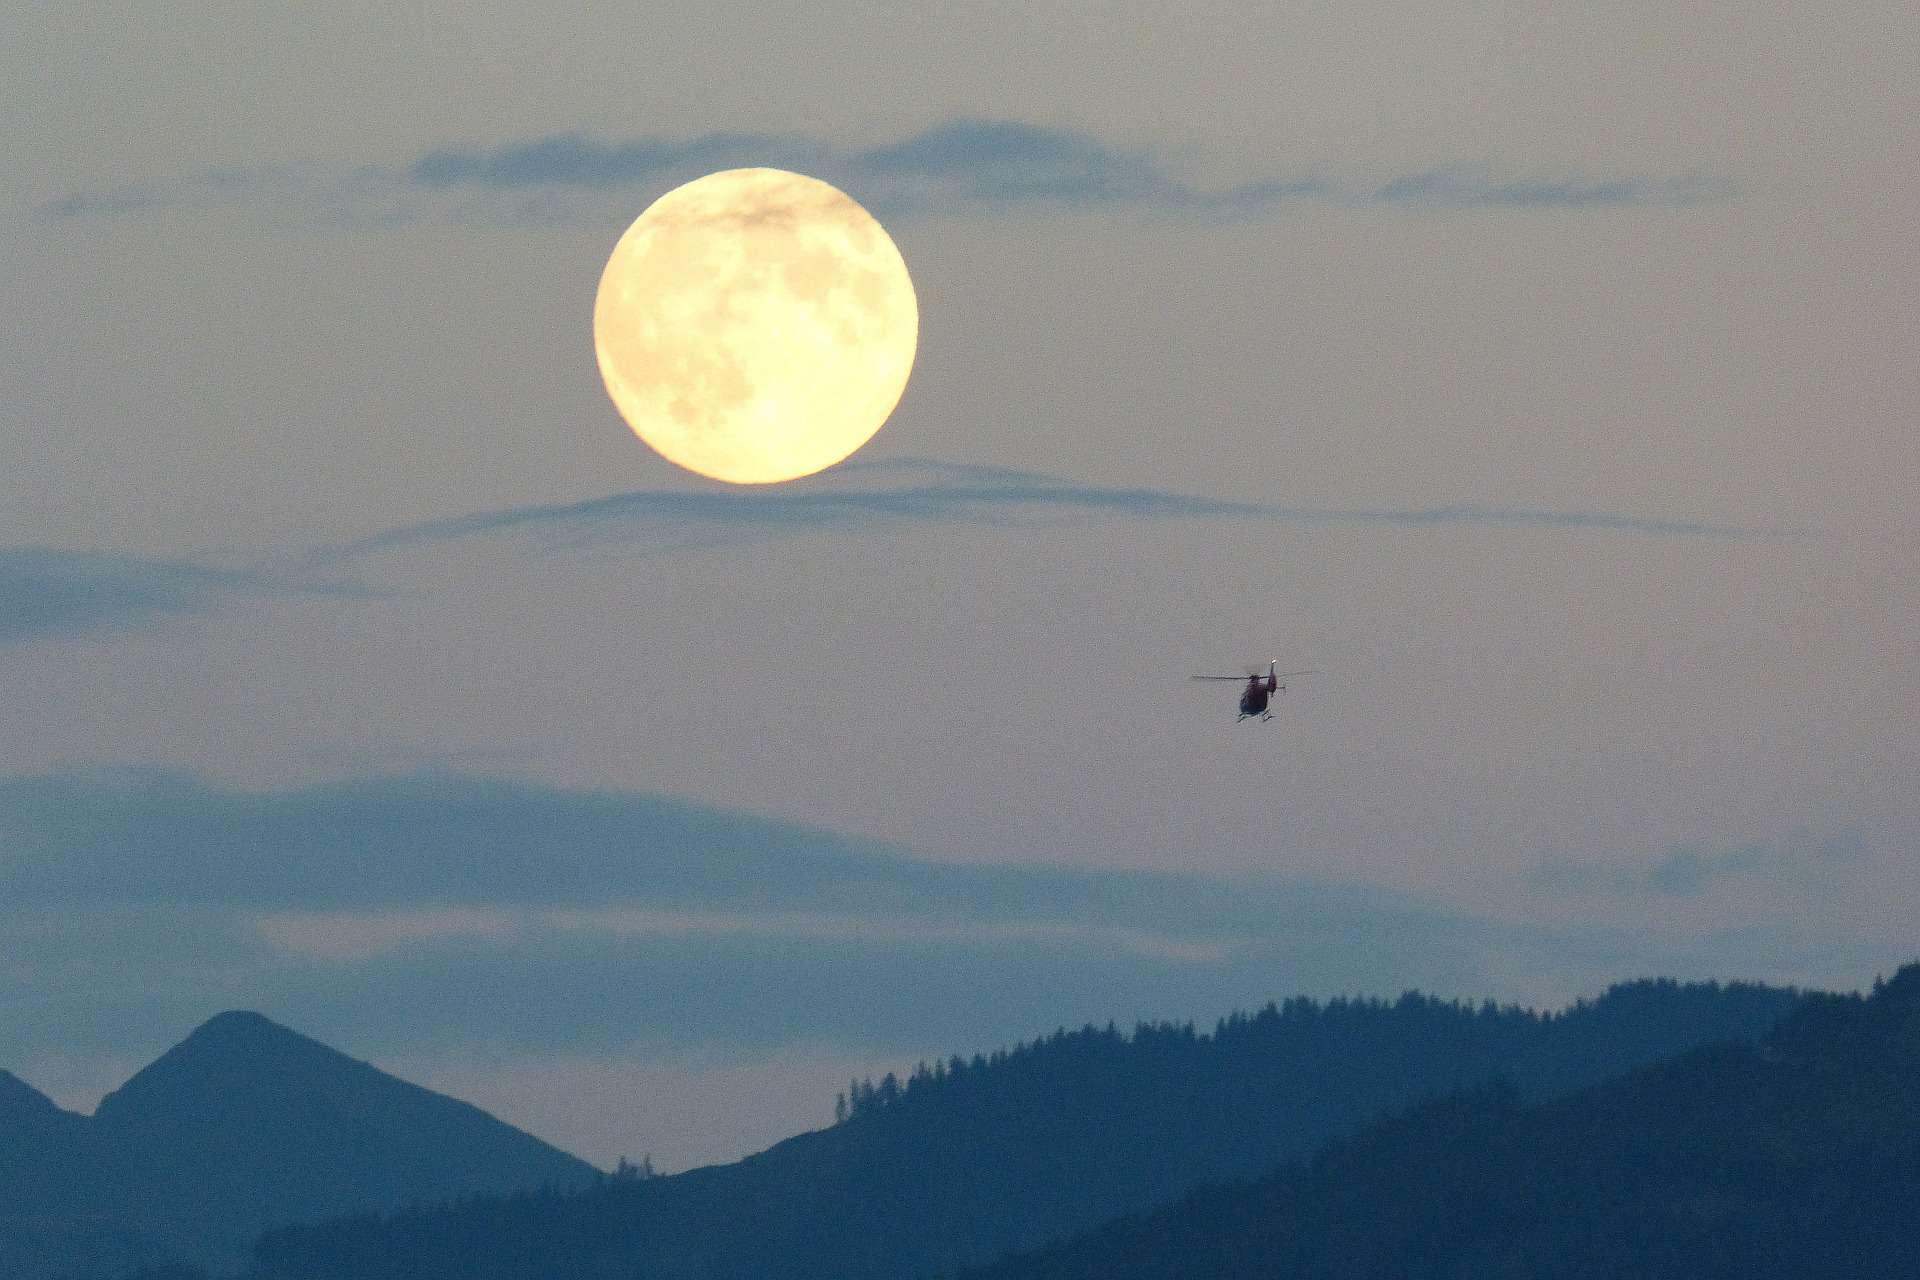 Fullmåne och tredje vågens uppstigning. Var med på fullmåne ritual idag kl 24.00